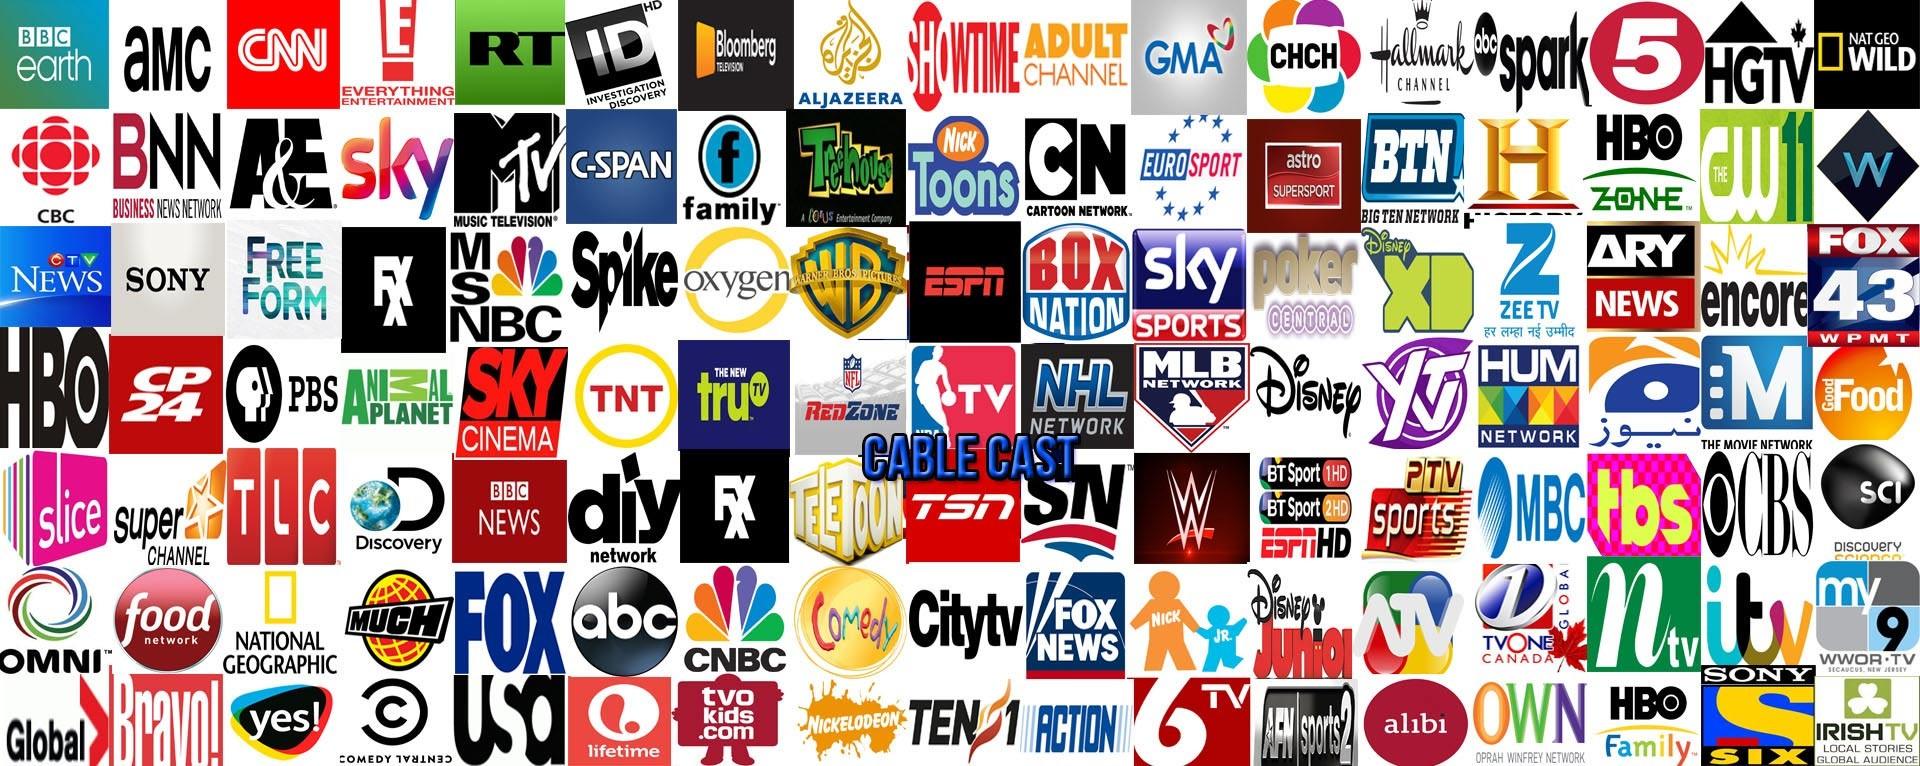 IPTV - MaxiByte boomtv | Henry Tse Website and Blog